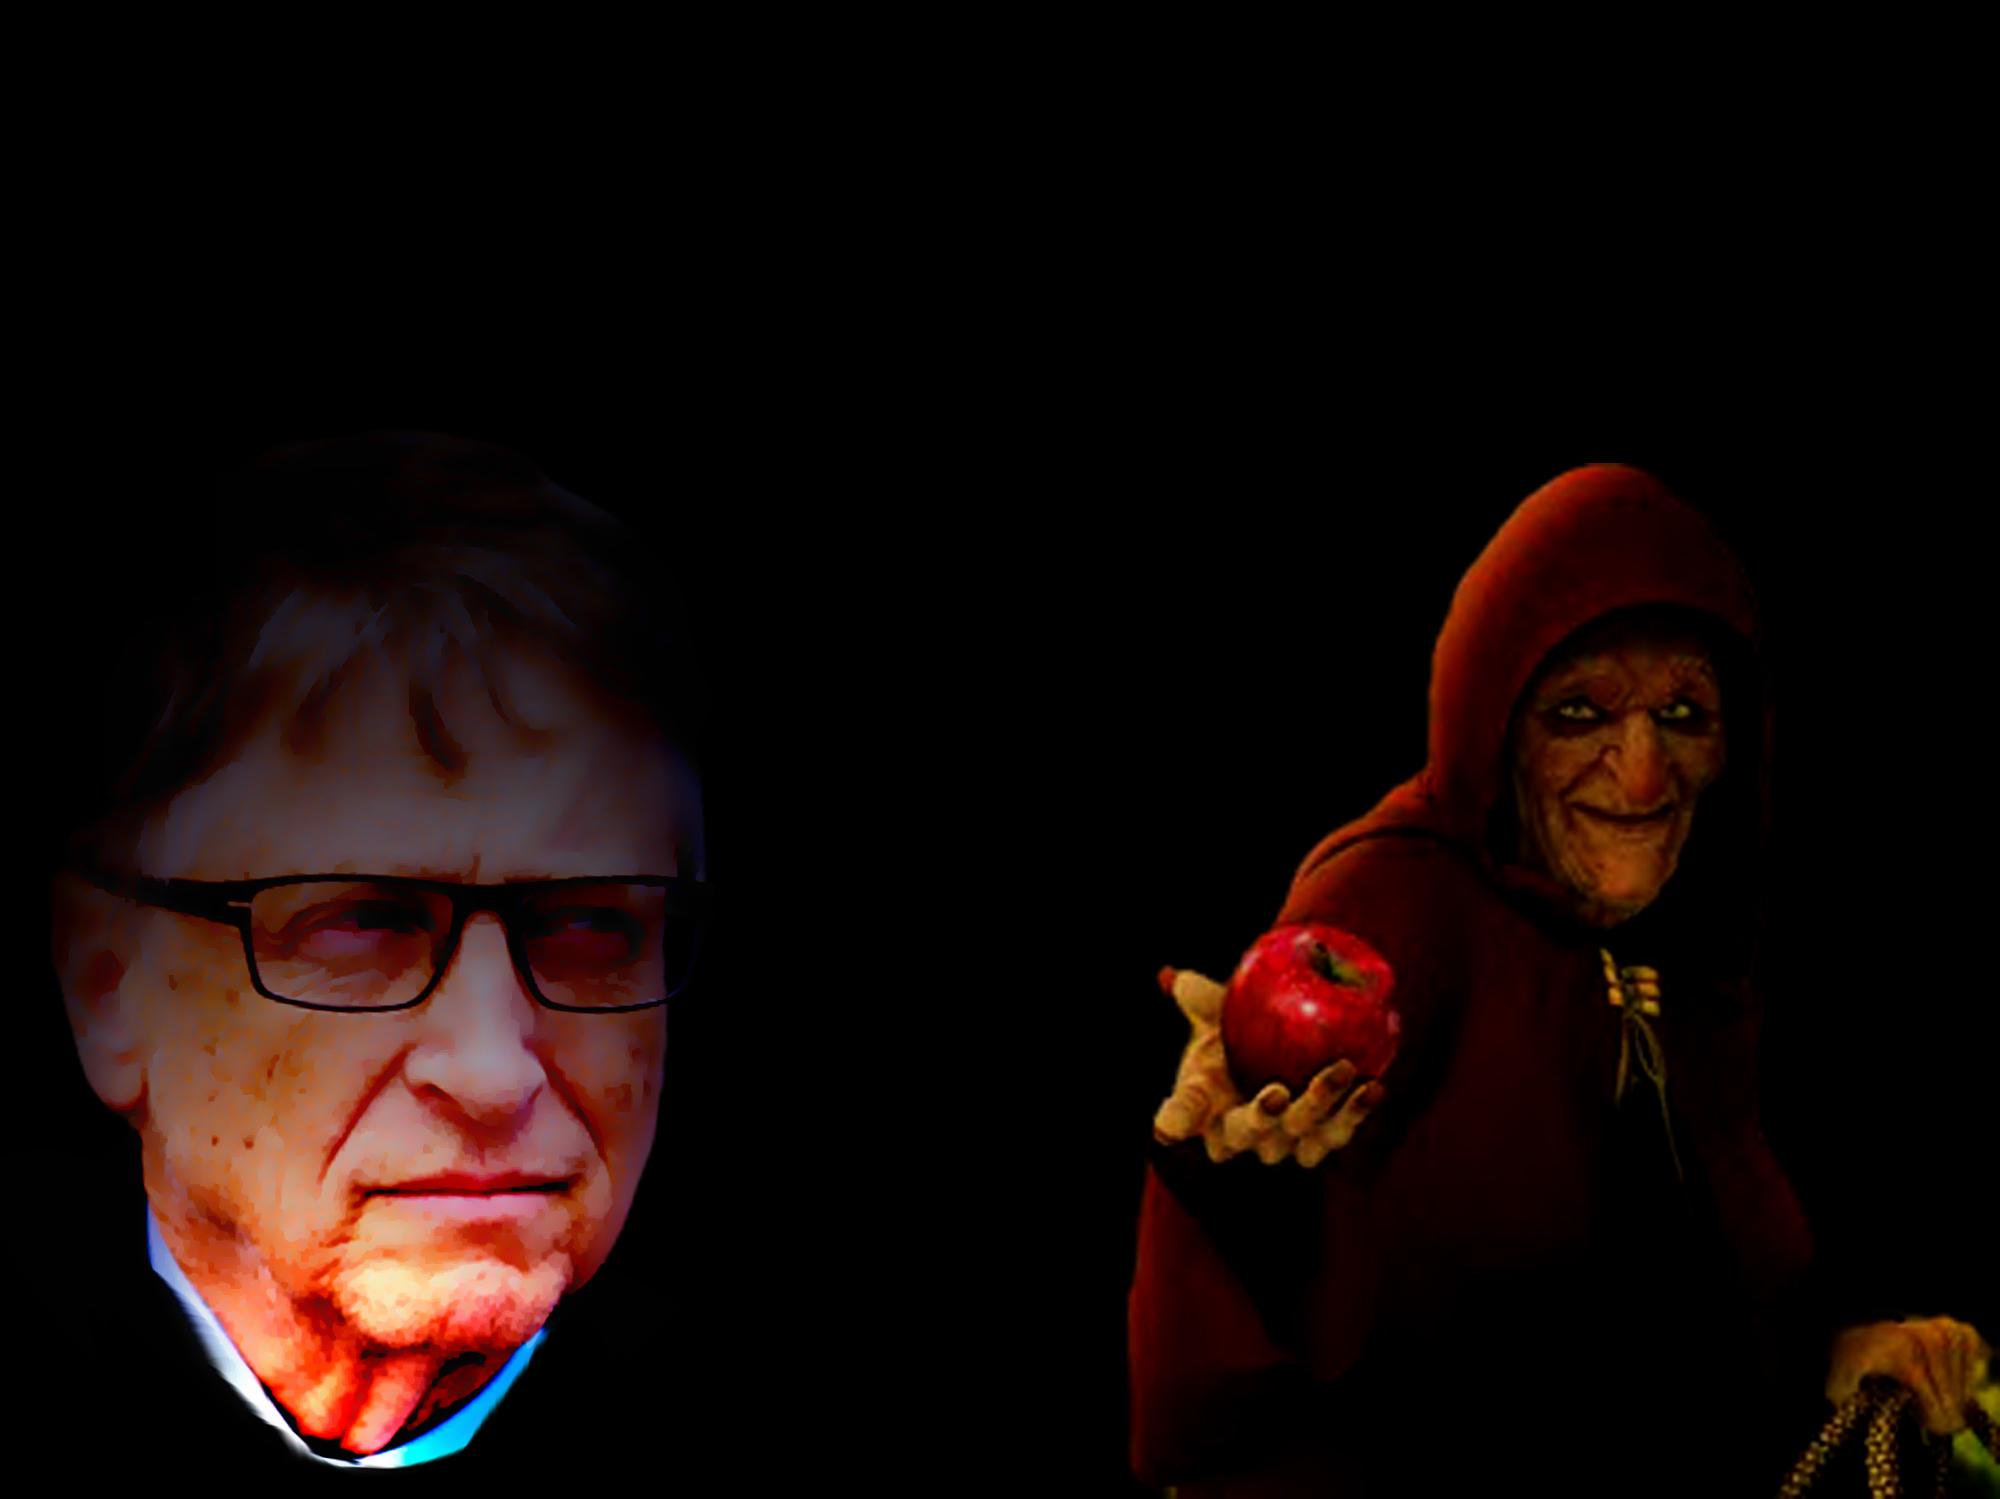 Bill Gates fits into the GMO discussion